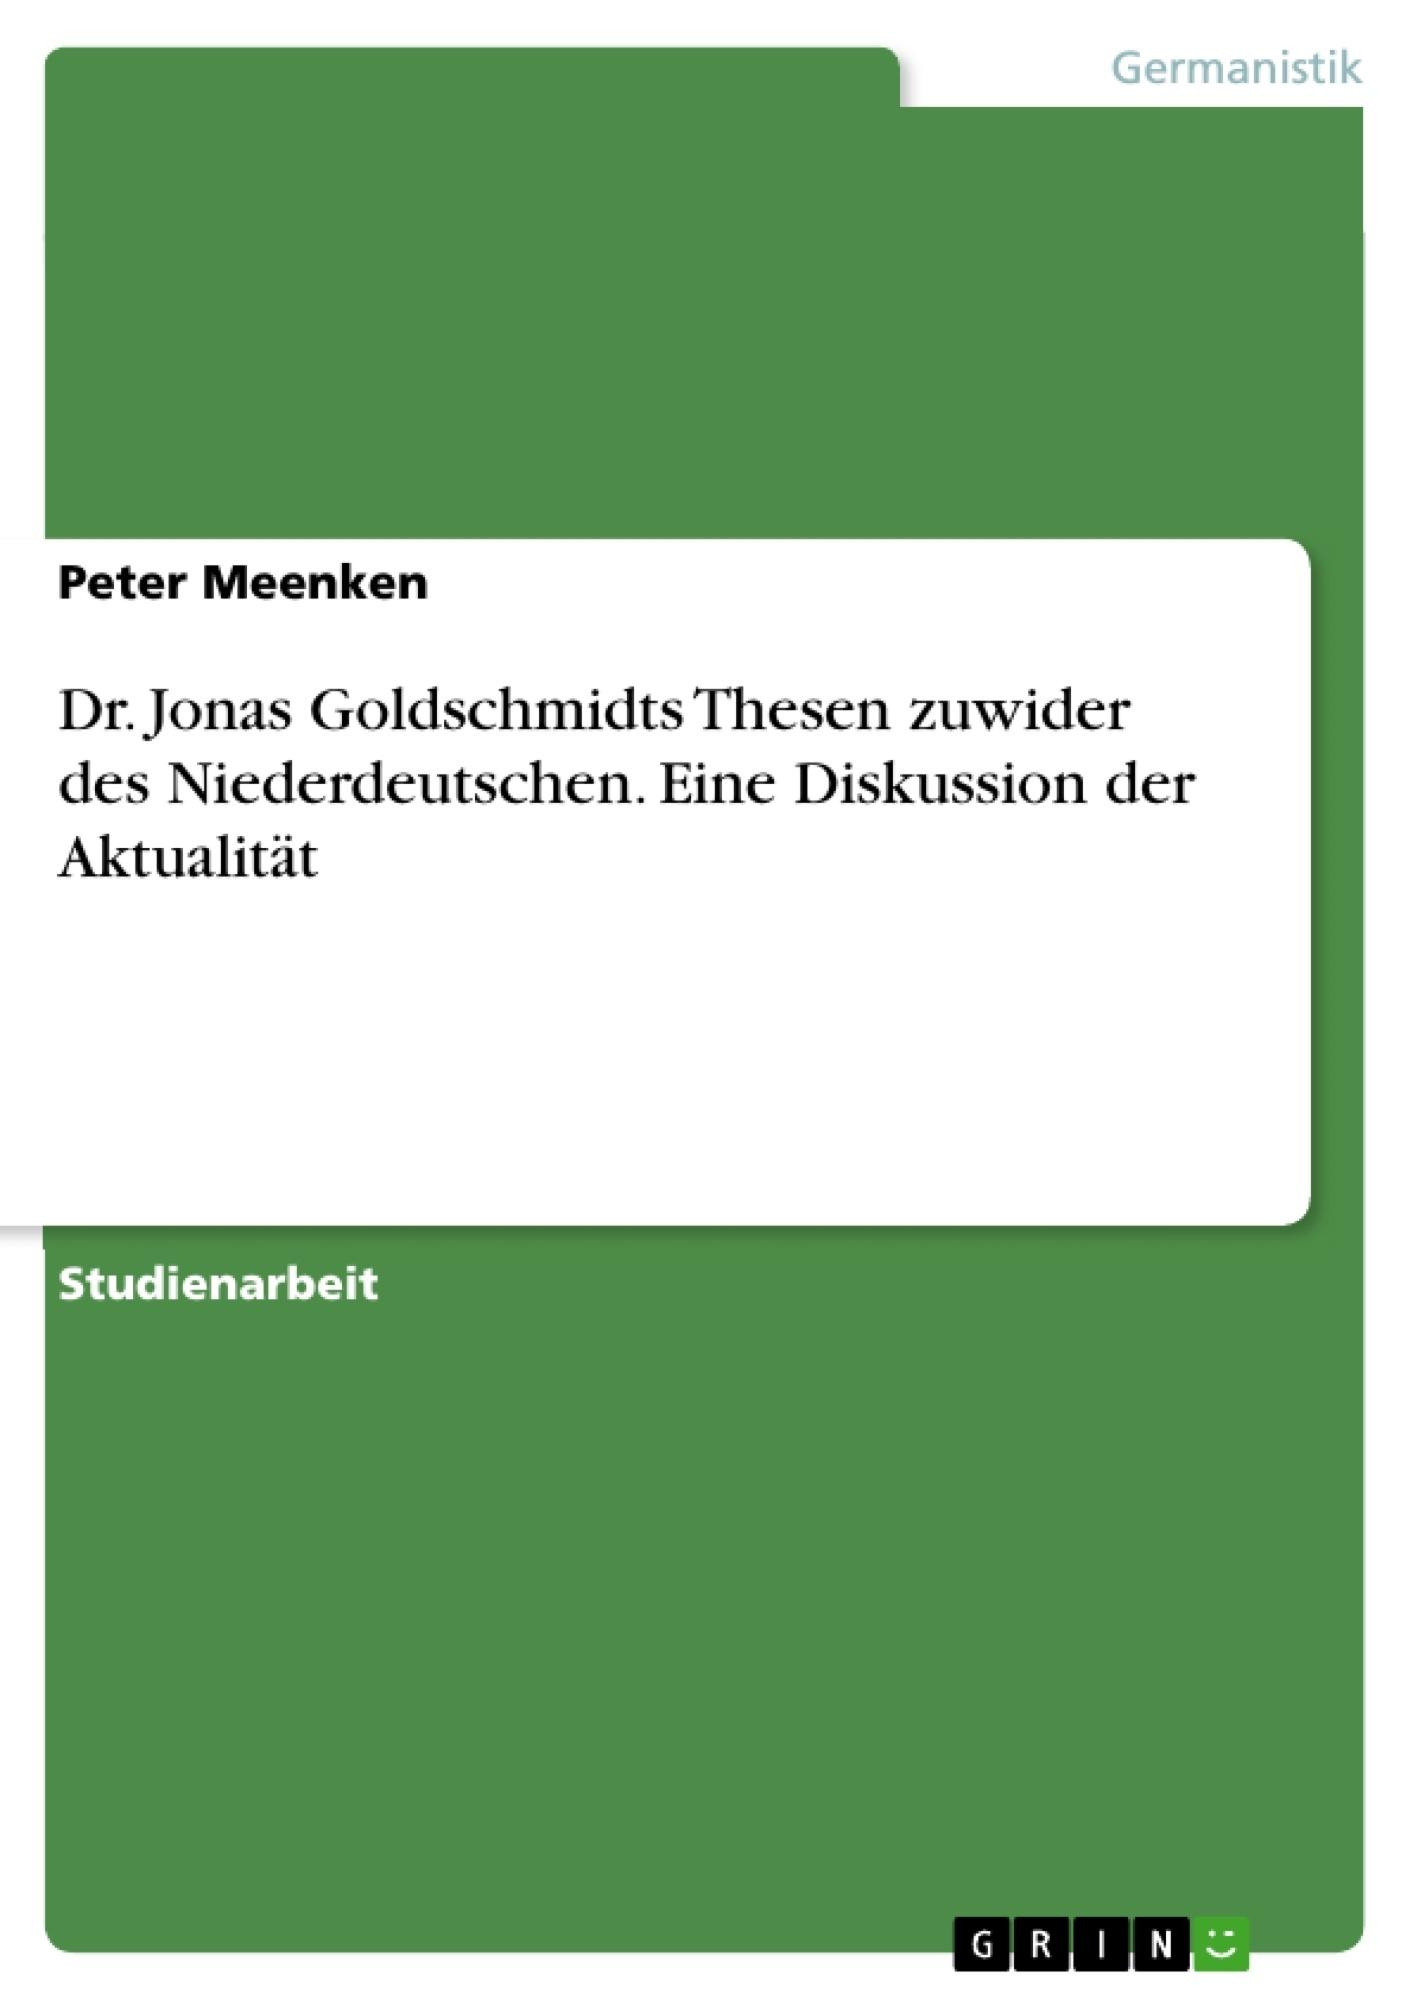 Titel: Dr. Jonas Goldschmidts Thesen zuwider des Niederdeutschen. Eine Diskussion der Aktualität